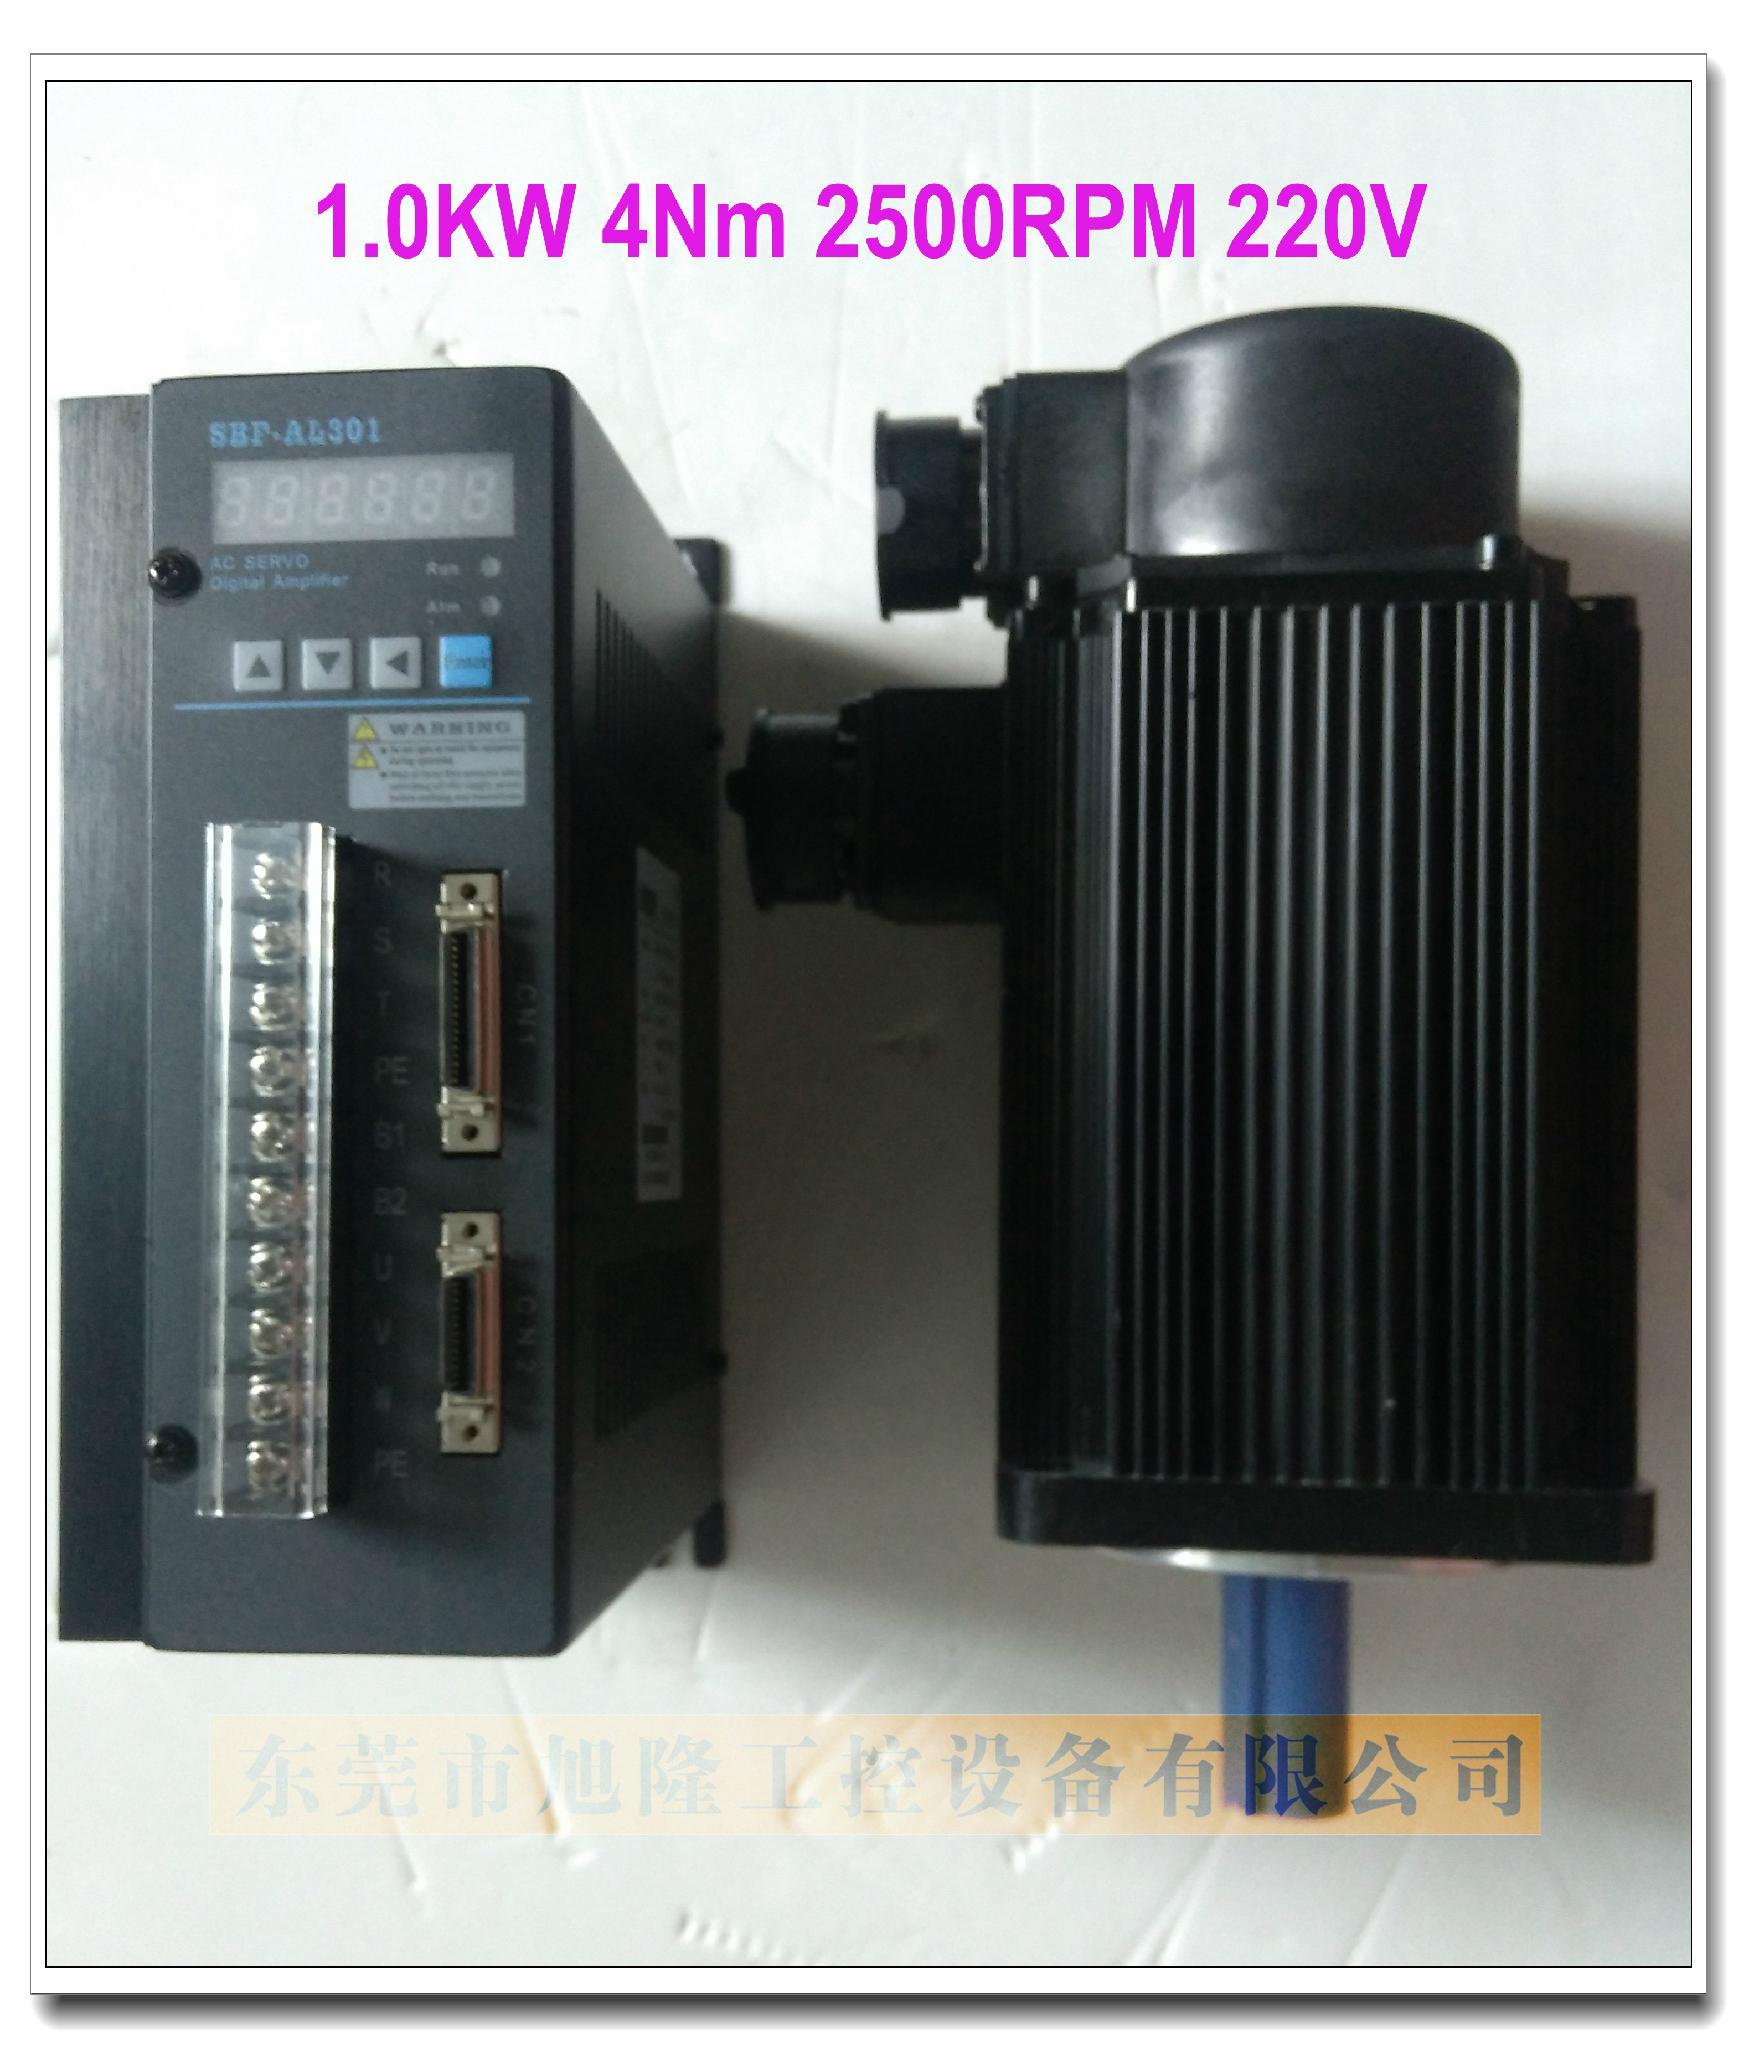 增量式编码器伺服电机 华大伺服 130ST 4N 2500RPM 220V 雕刻机用  1